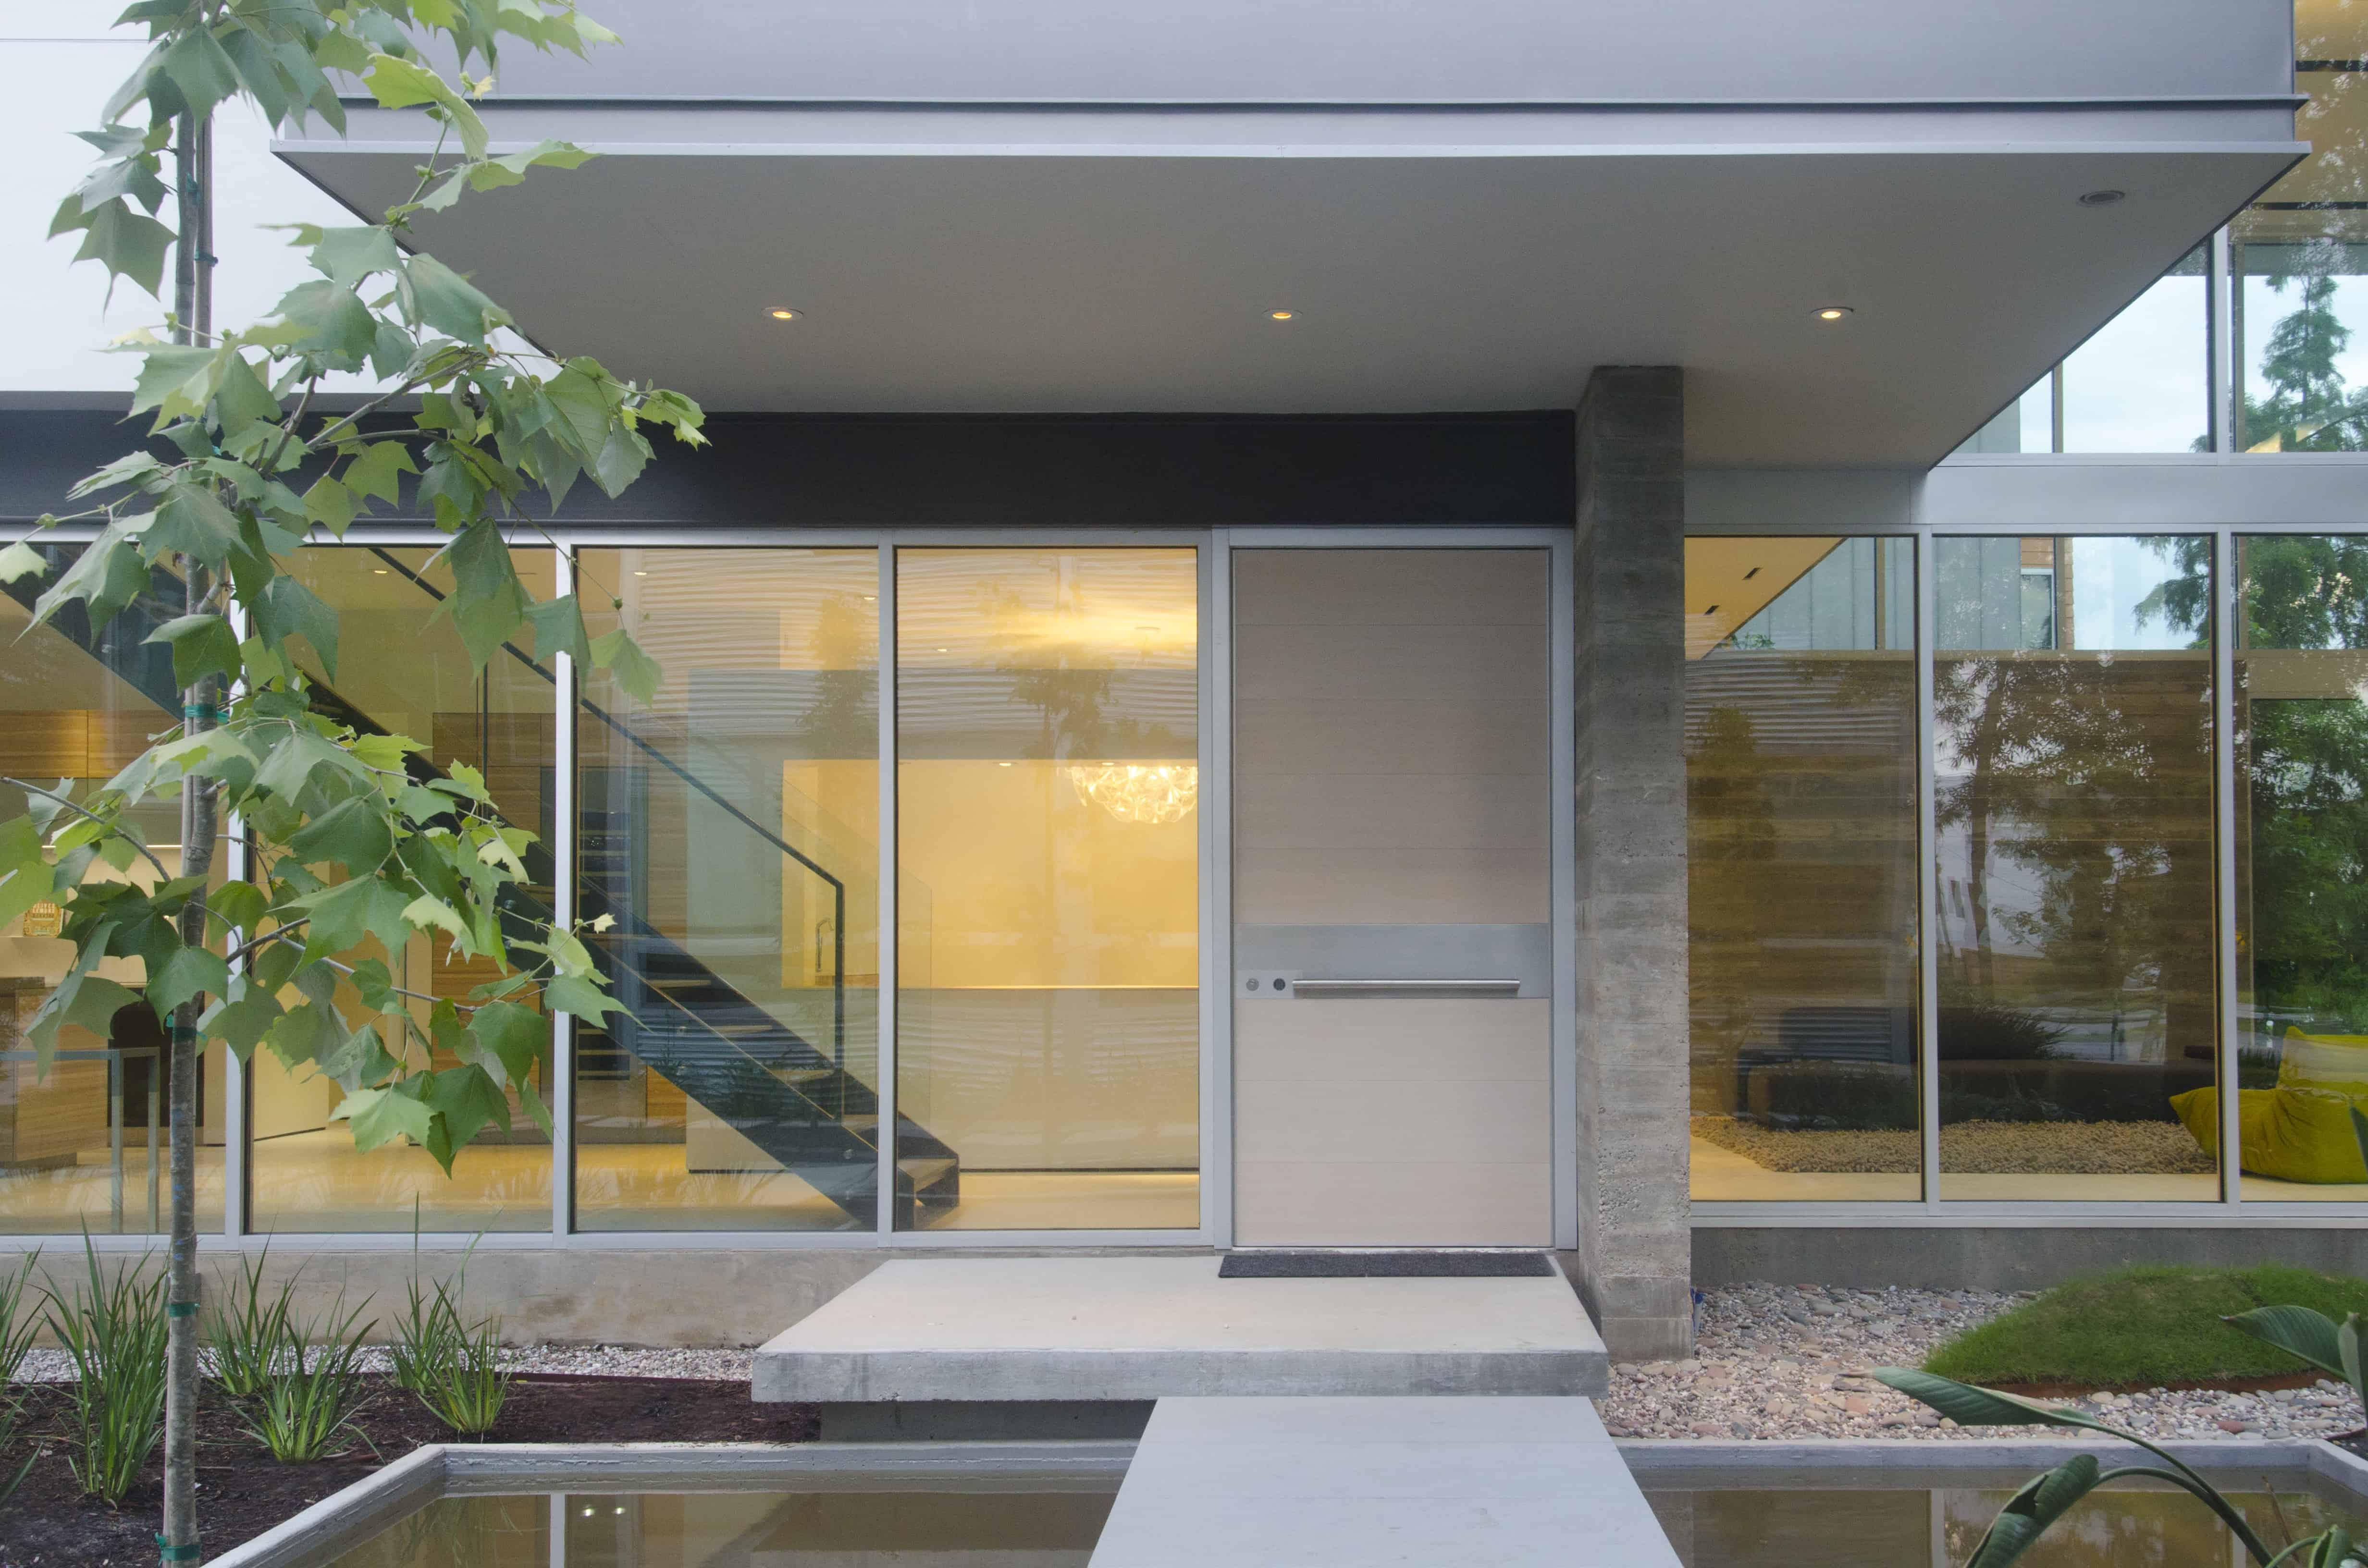 sleek modern home houston entry with koi poind